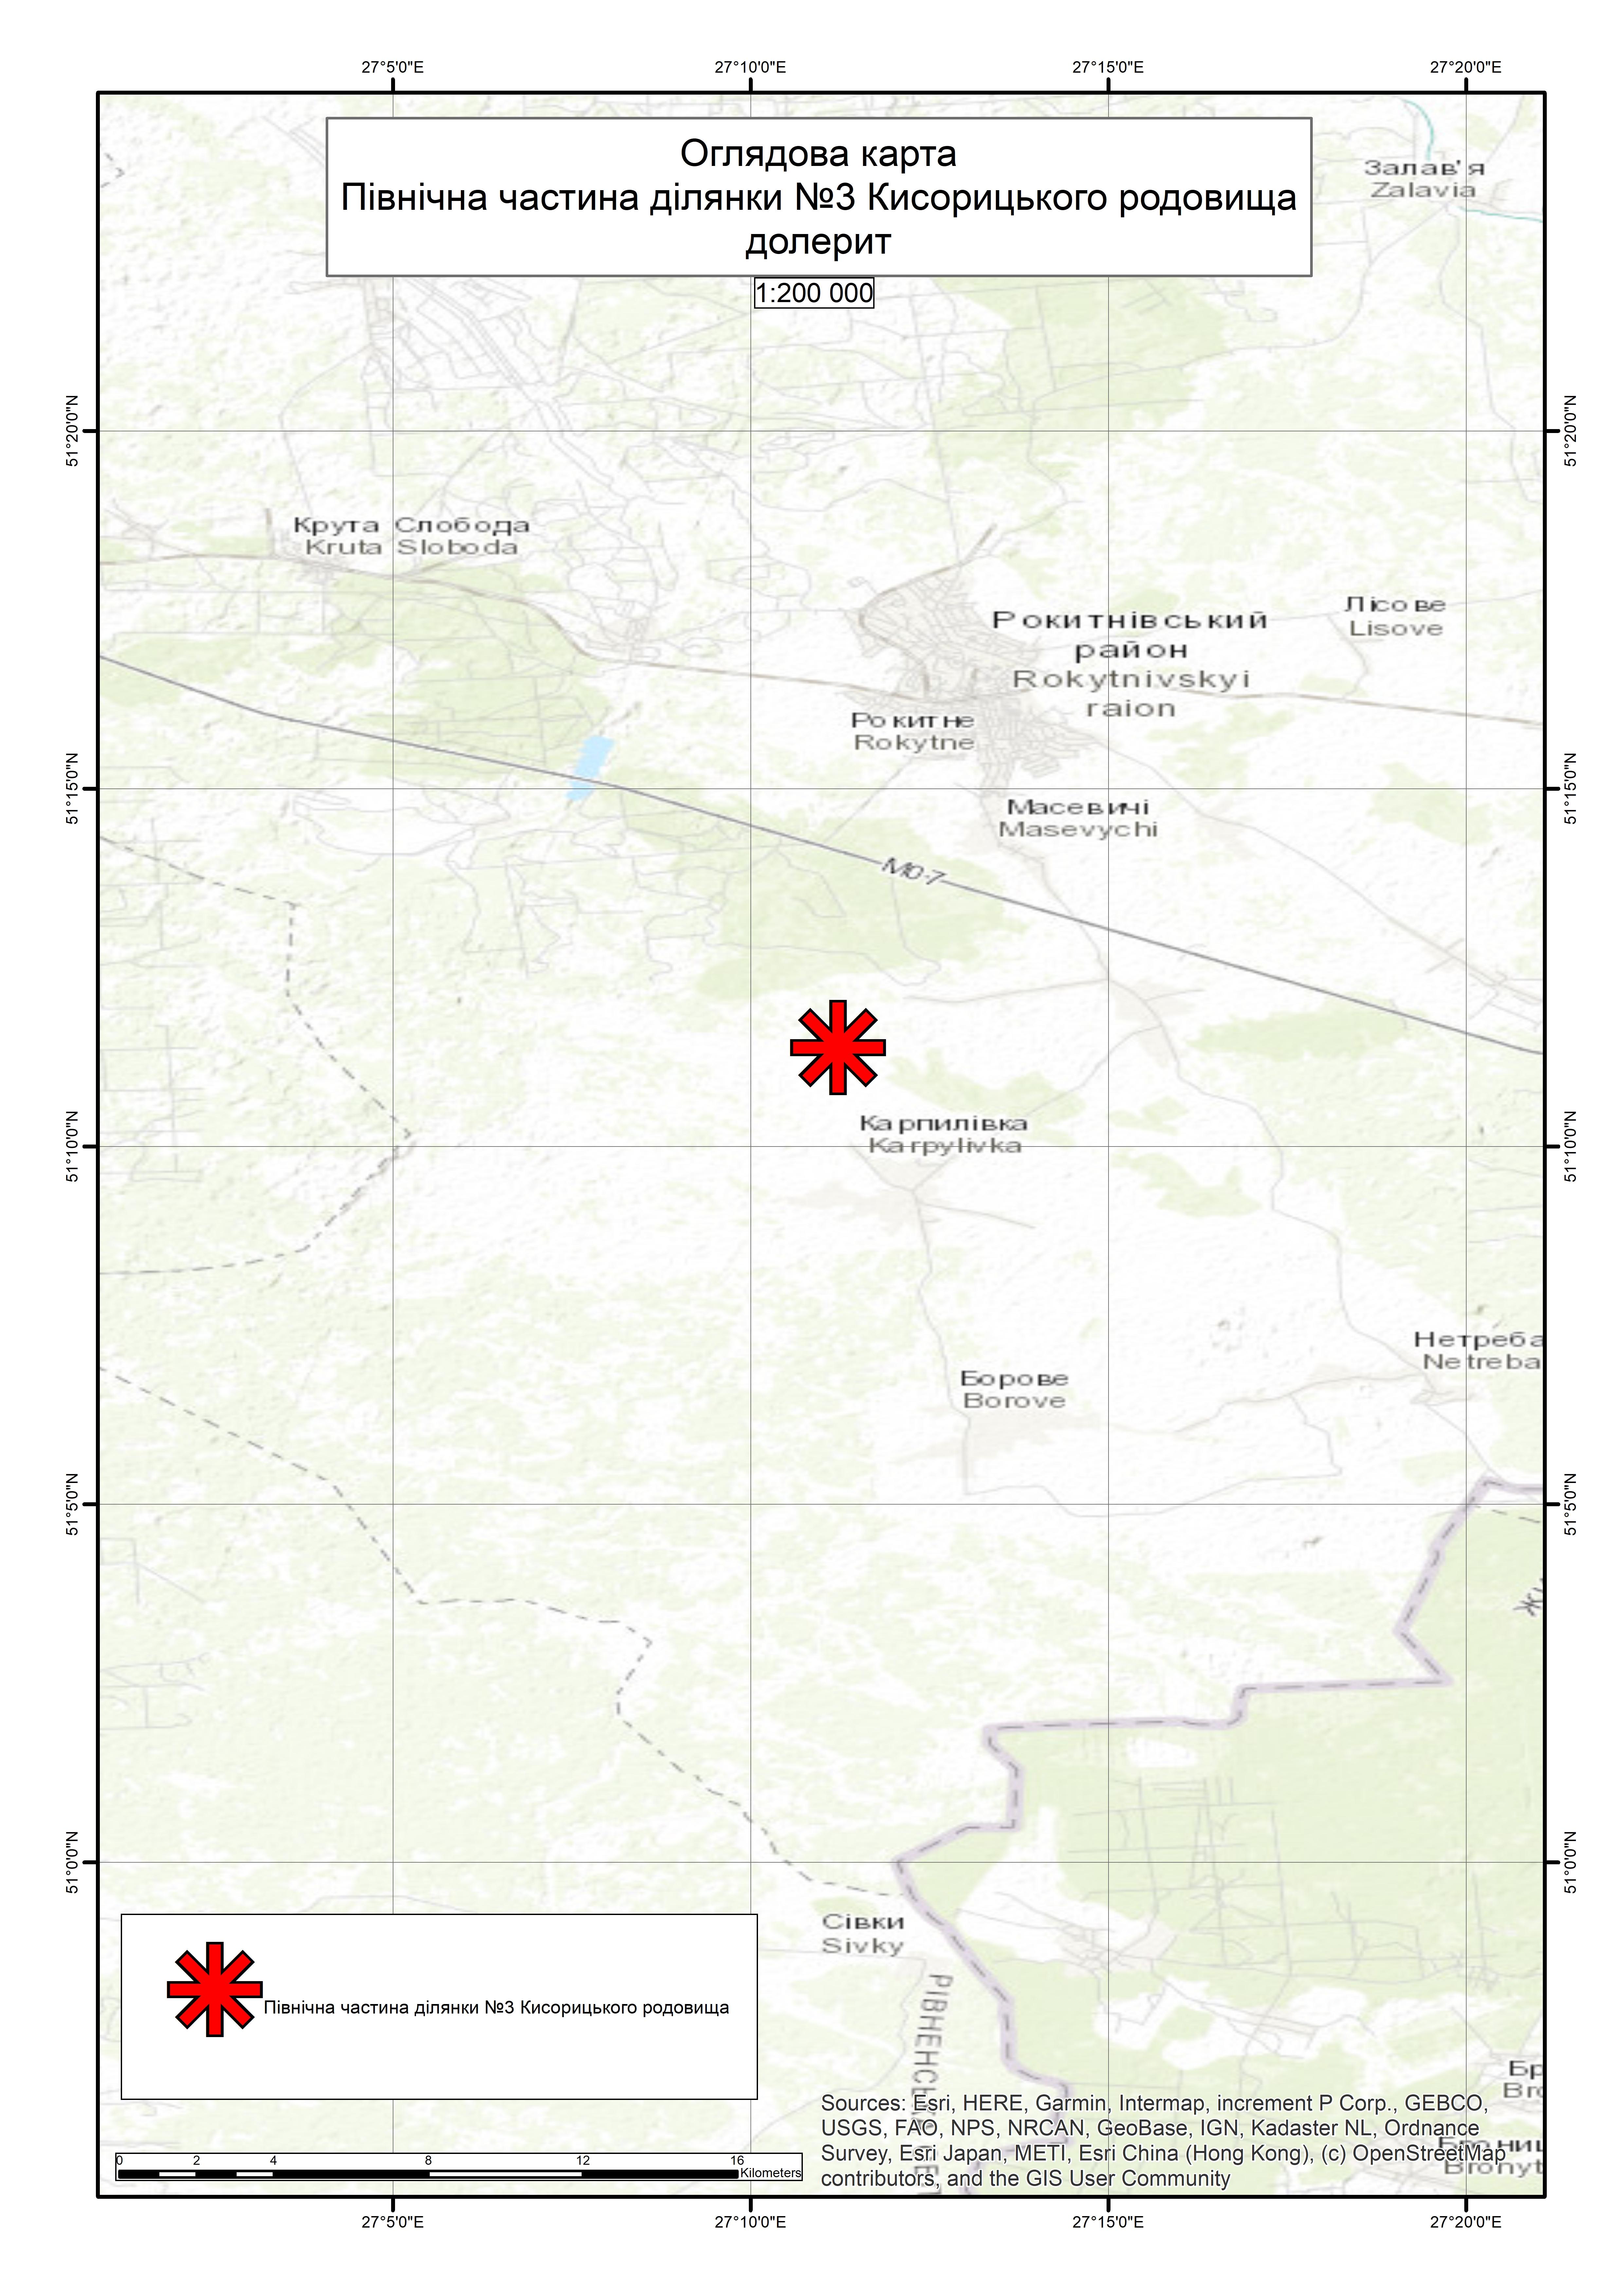 Спеціальний дозвіл на користування надрами – Північна частина ділянки №3 Кисорицького родовища. Вартість геологічної інформації – 146 045,98 грн (з ПДВ). Вартість пакету аукціонної документації – 20 483,27 грн (з ПДВ).